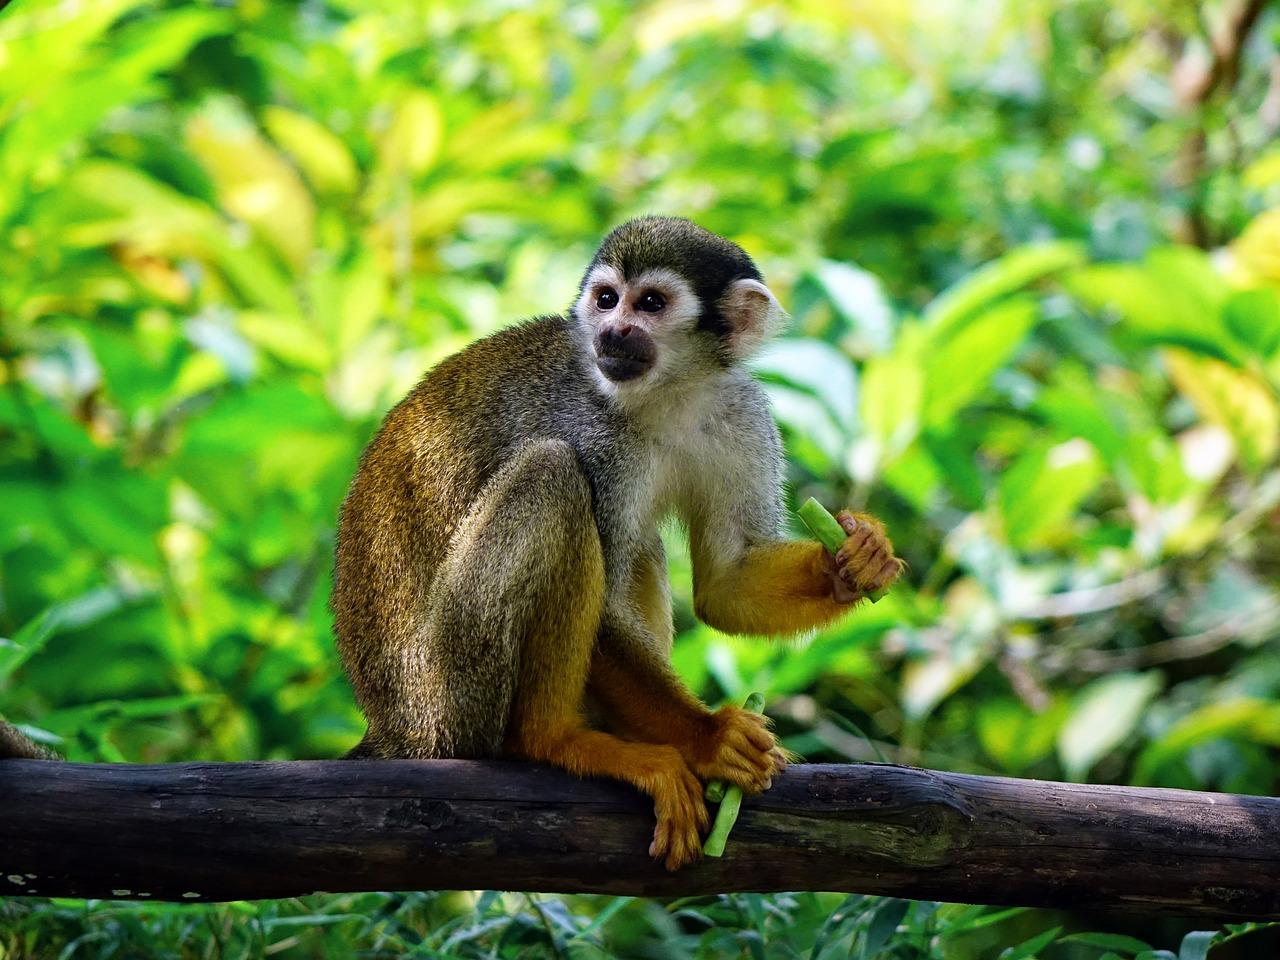 squirrel-monkey-505191_1280